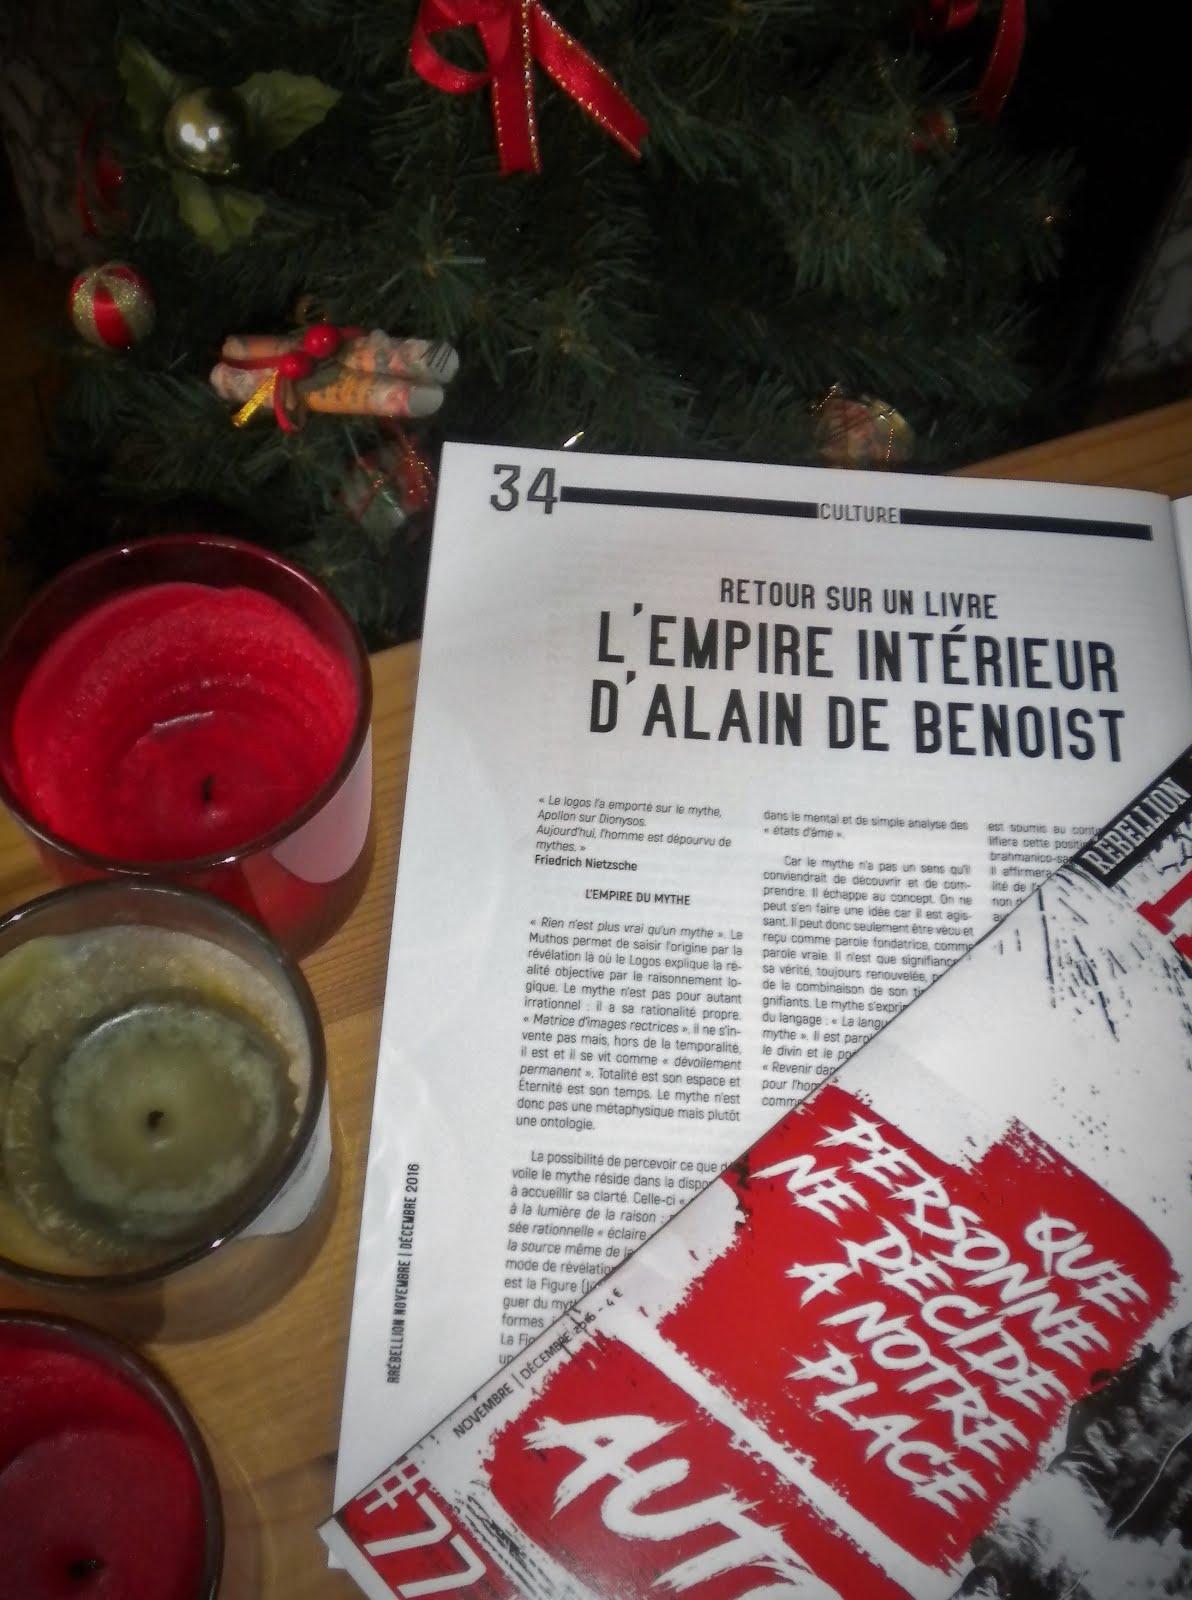 Une analyse de l'Empire intérieur